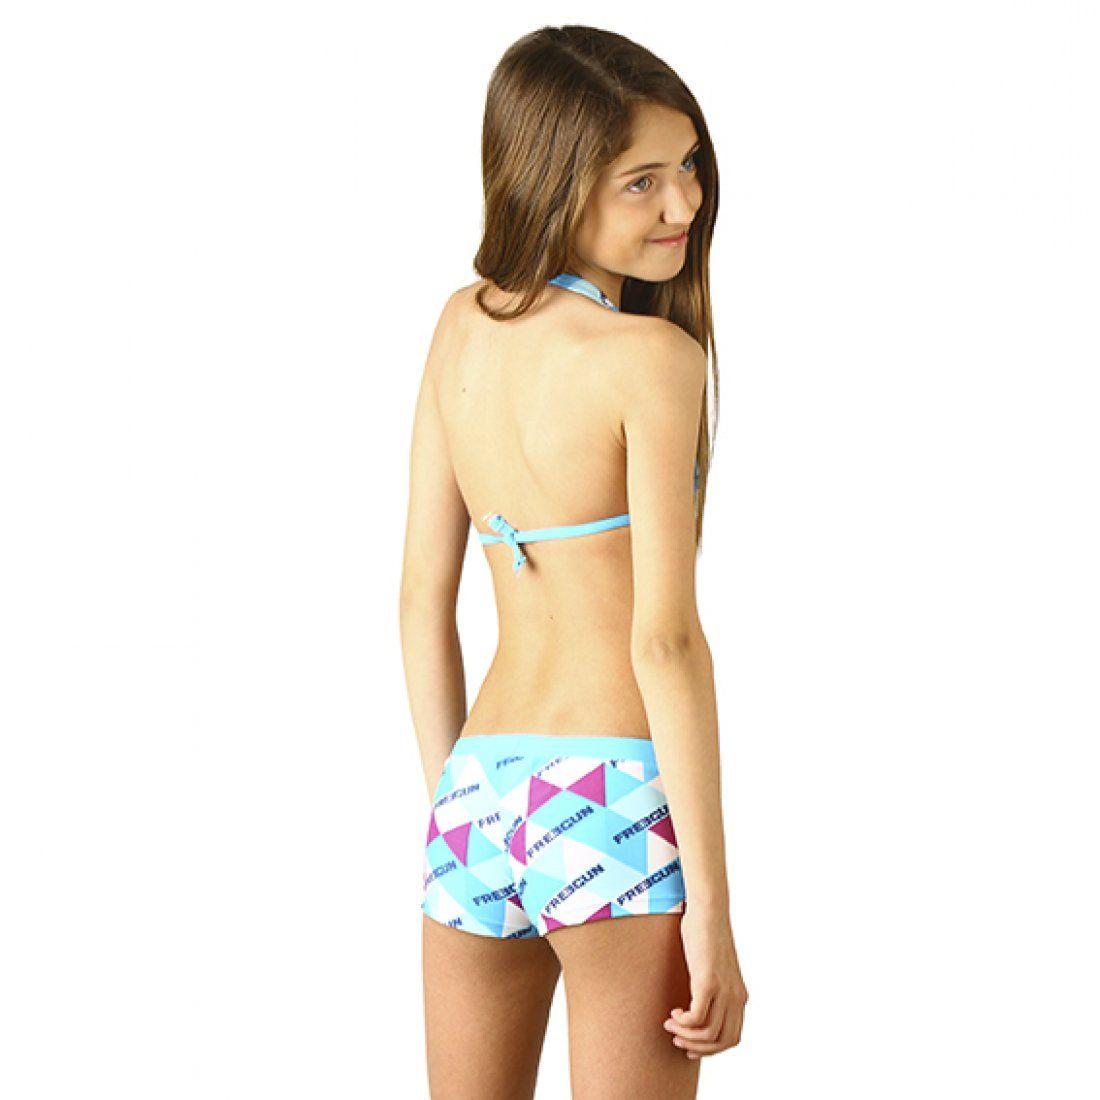 12-year-old bikini